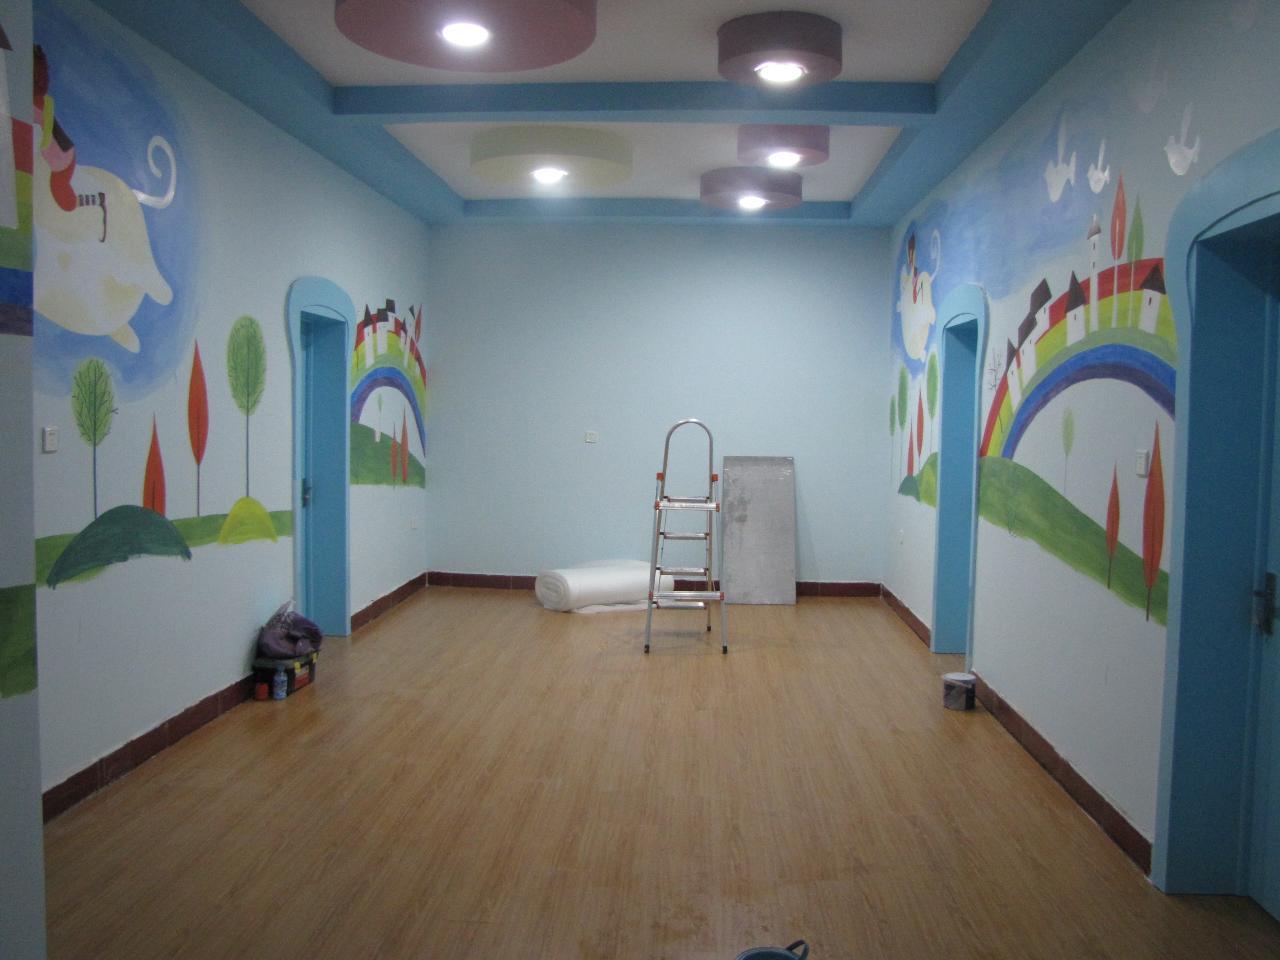 幼儿园墙面彩绘   【在线】幼儿园室外墙体彩绘